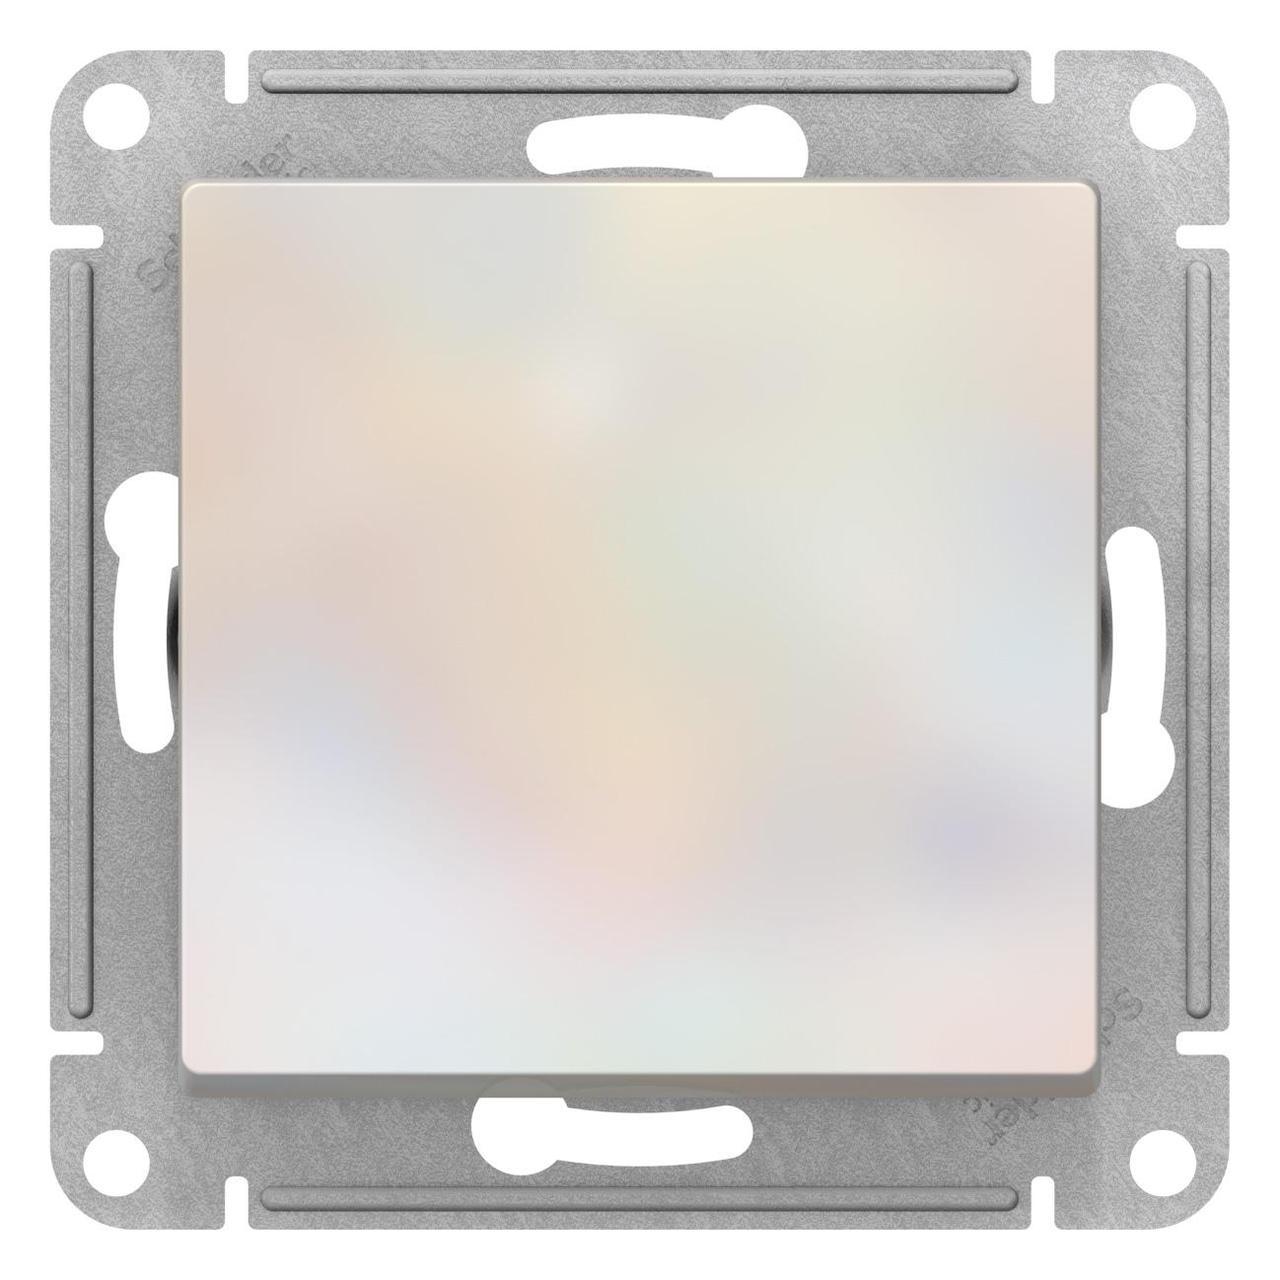 Выключатель 1-клавишный; кнопочный , Жемчуг, серия Atlas Design, Schneider Electric